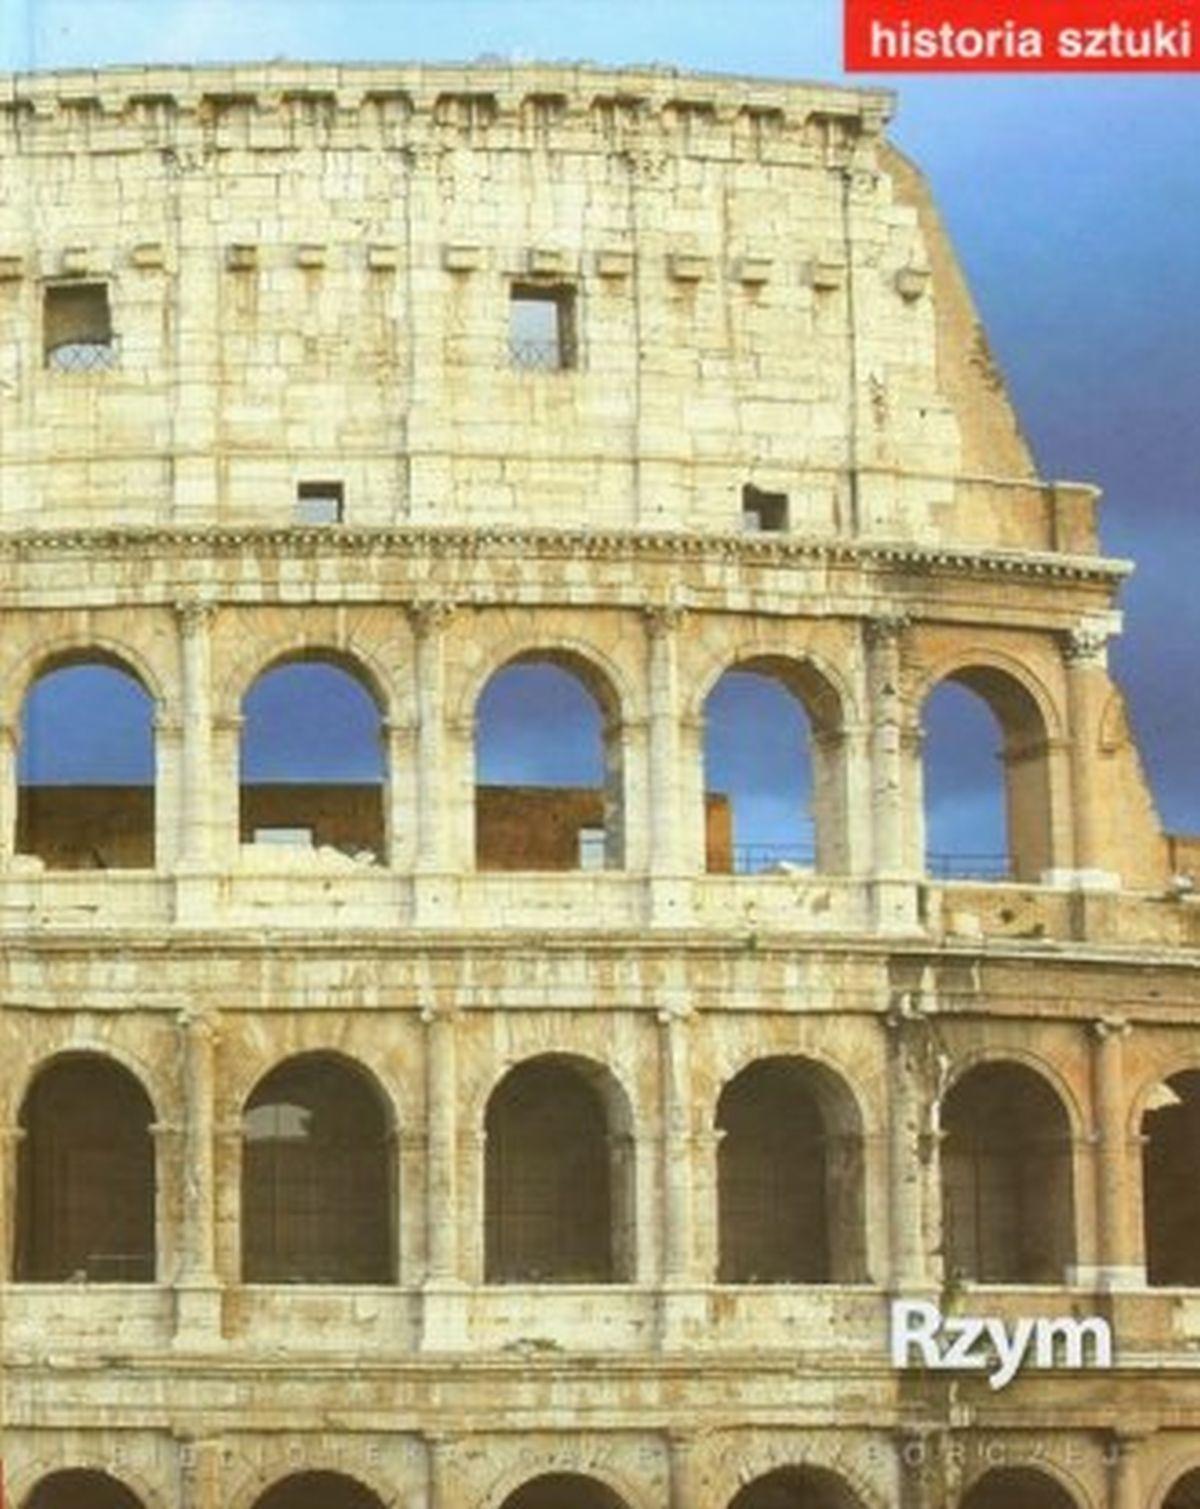 Historia sztuki. Tom 3. Rzym